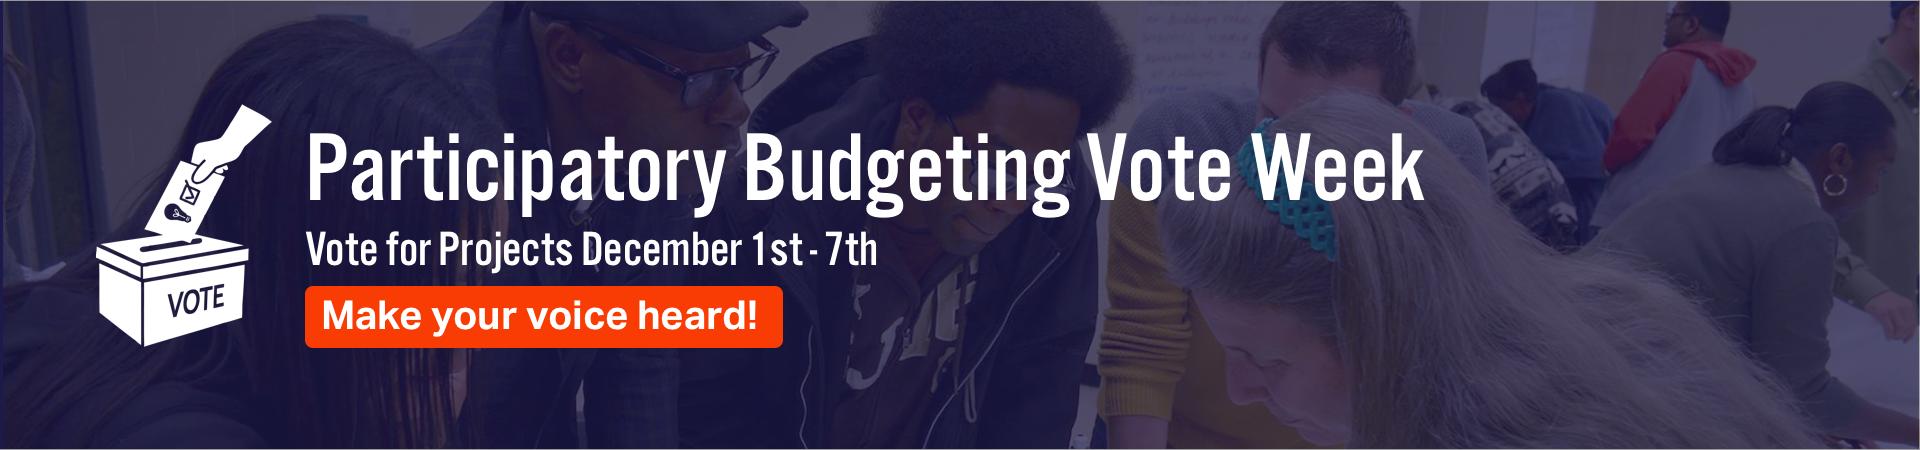 PB Vote Week 2018